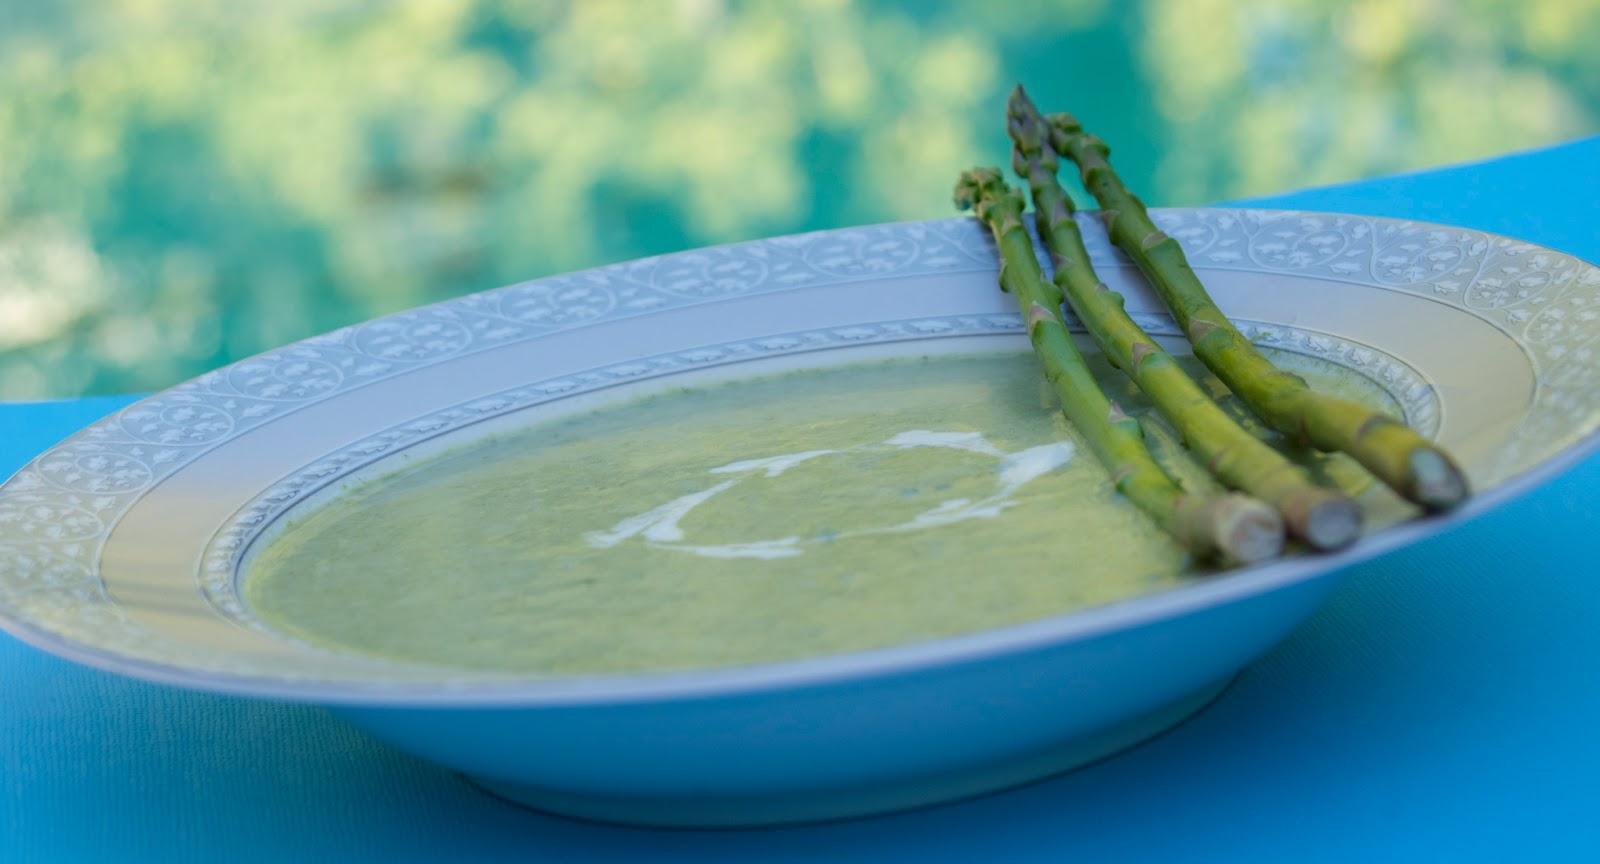 Asparagus Soup Recipe images